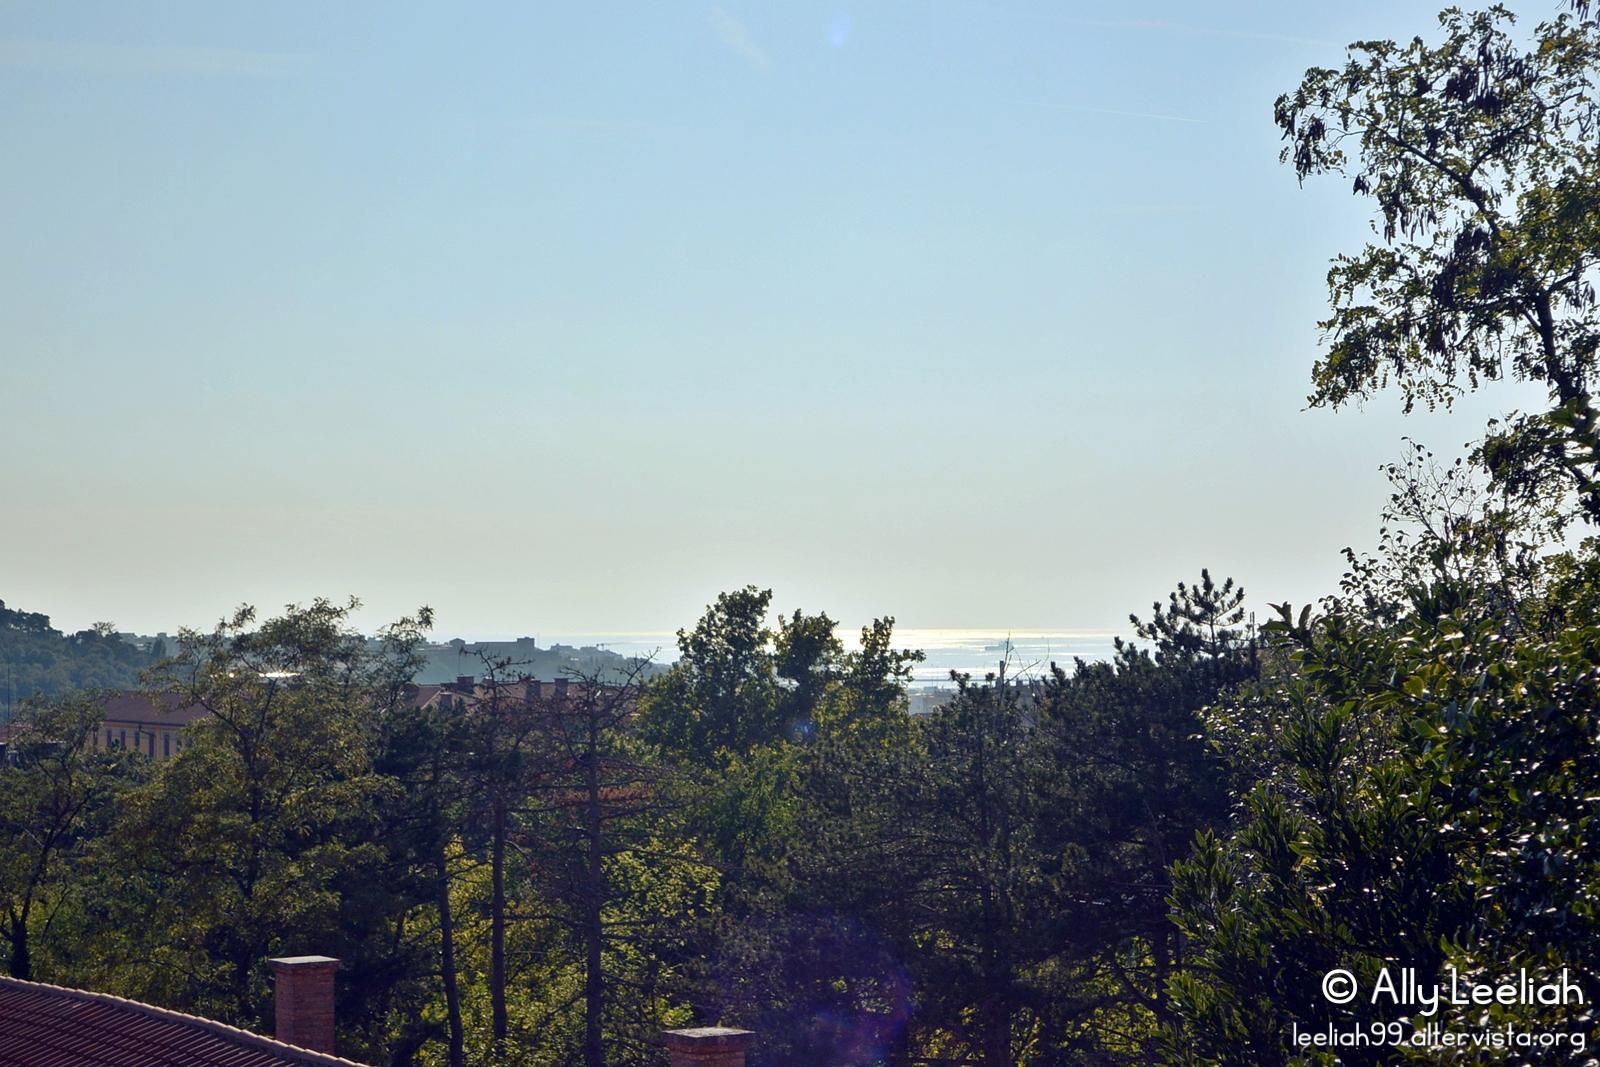 Vista mare dal Parco di San Giovanni, Trieste © leeliah99.altervista.org